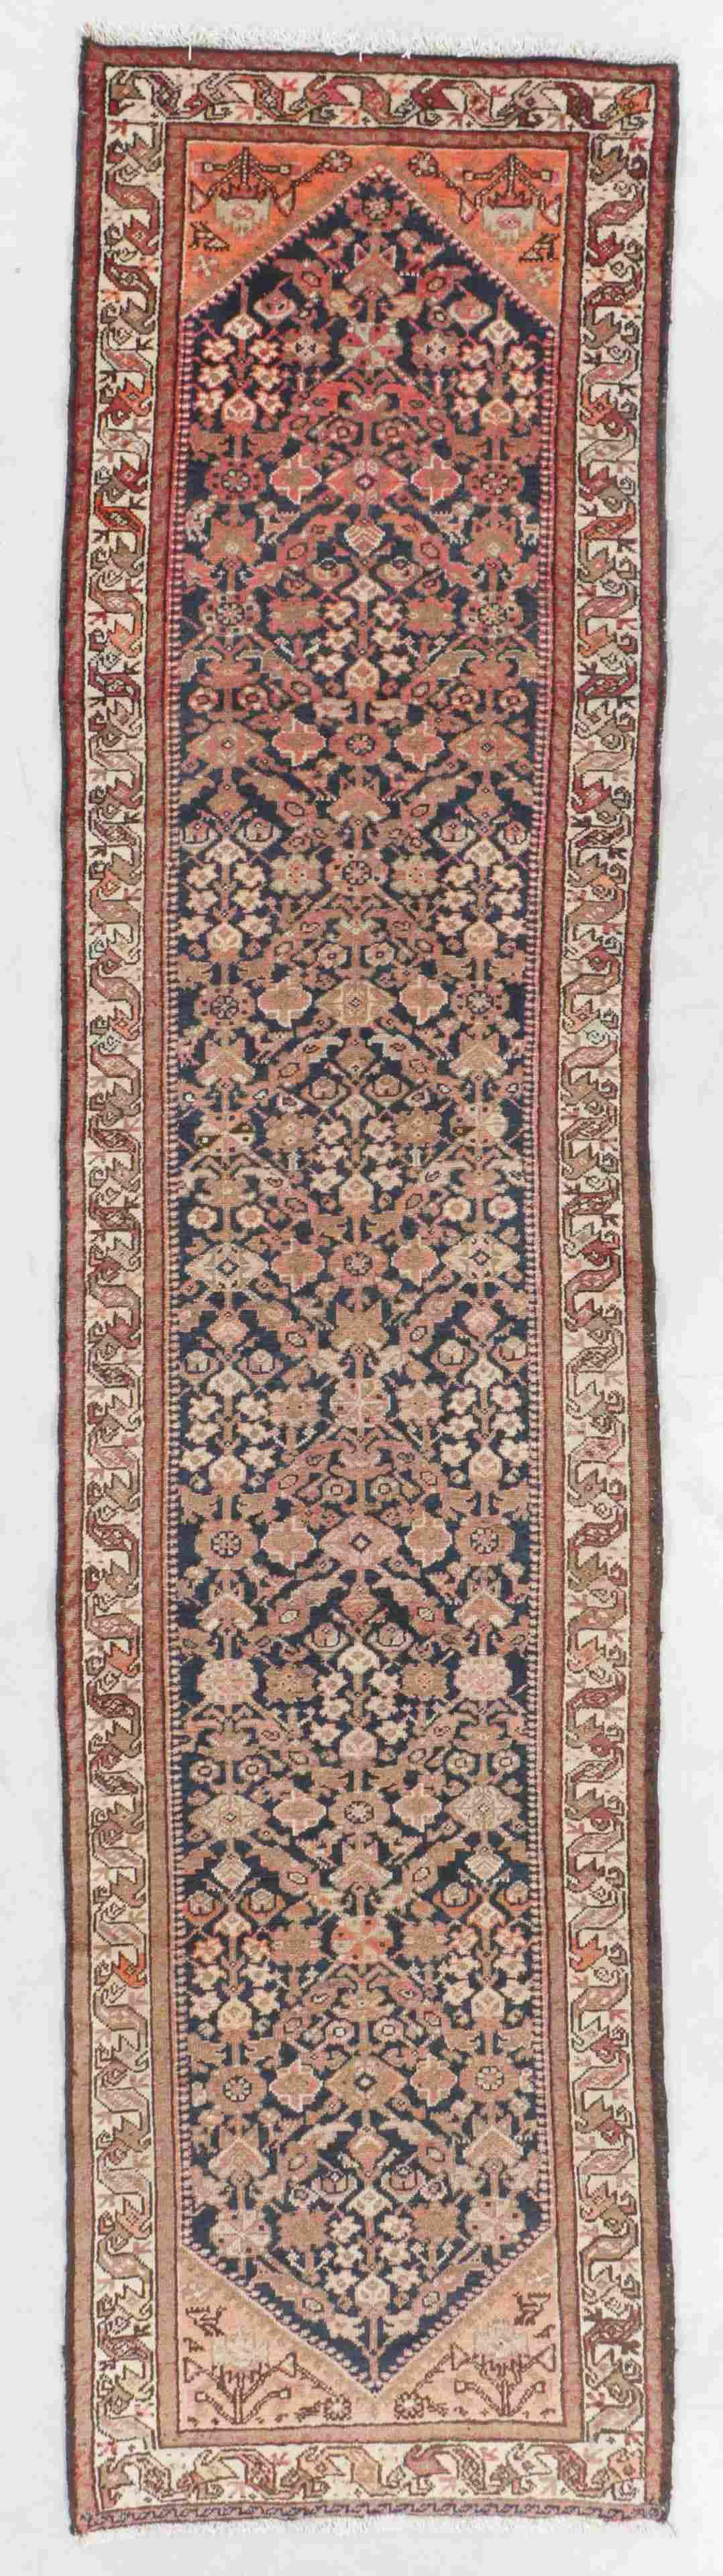 Semi-Antique Malayer Rug, Persia: 3'2'' x 12'11''